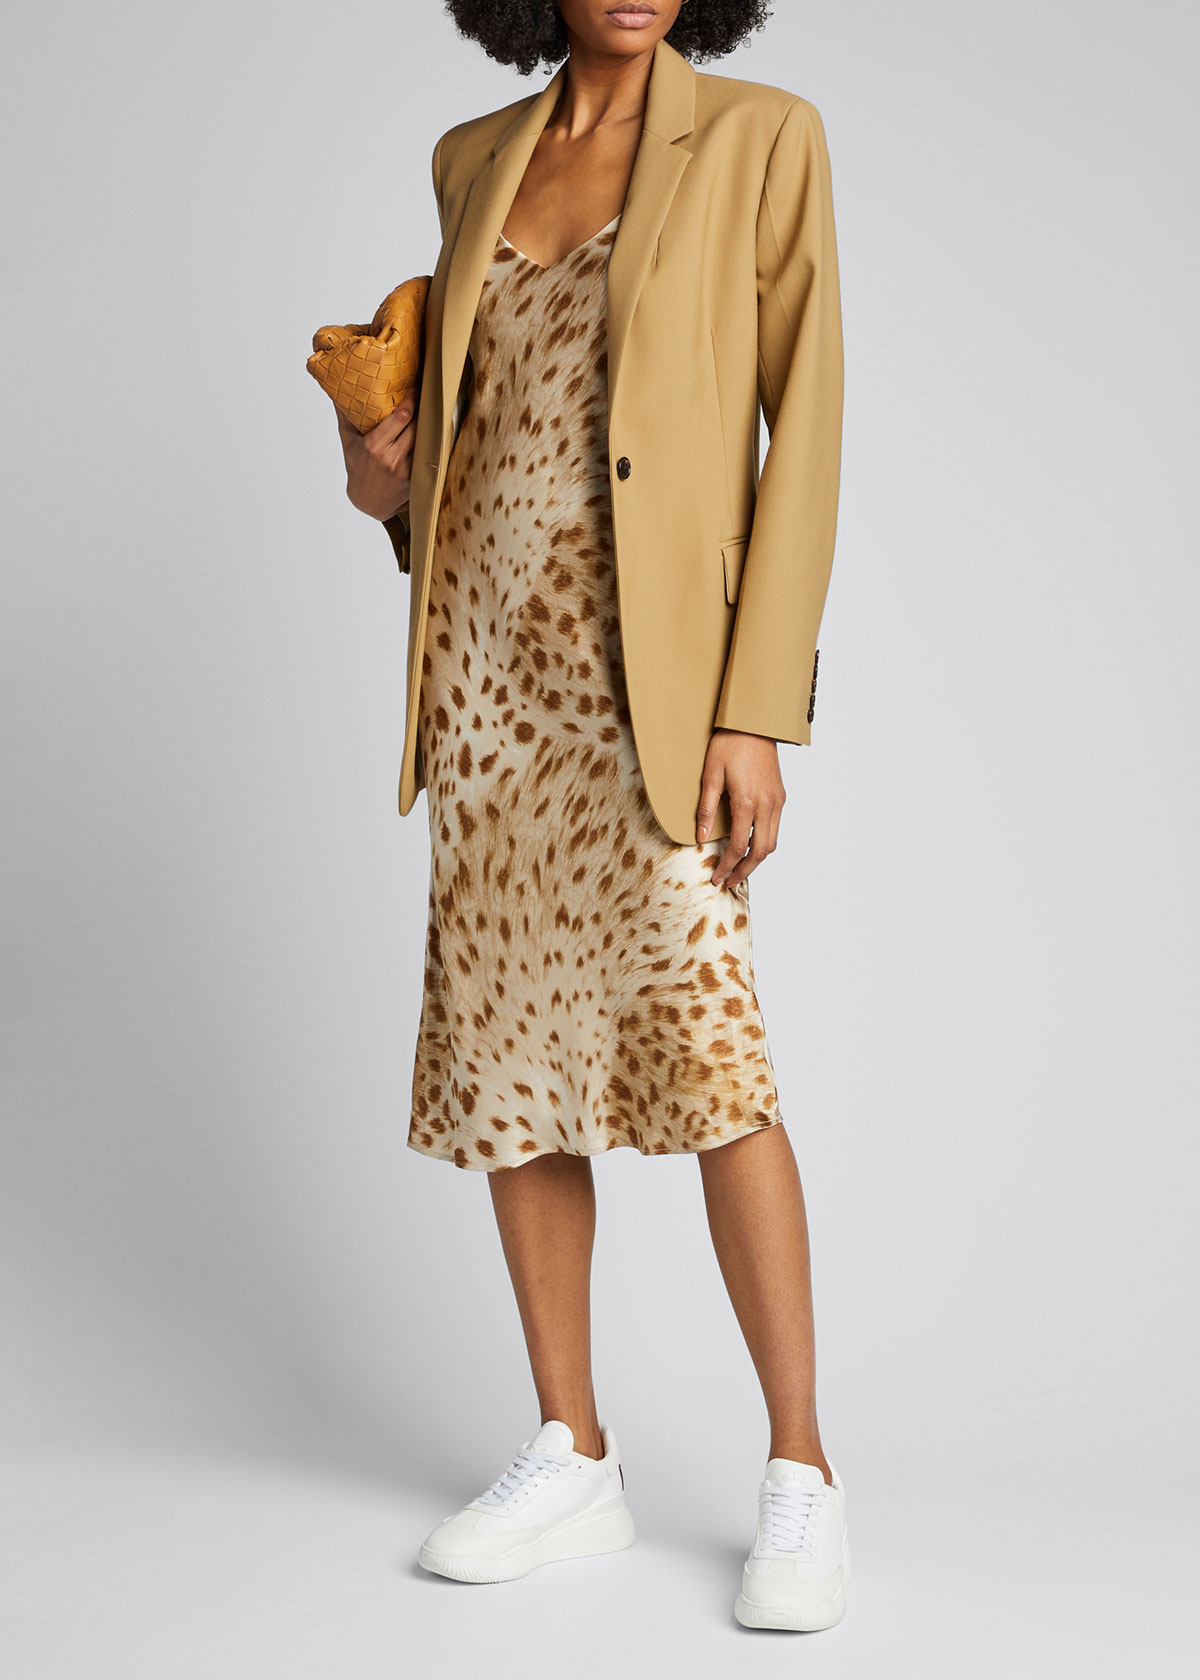 L Agence Dresses JODIE V-NECK SLIP DRESS